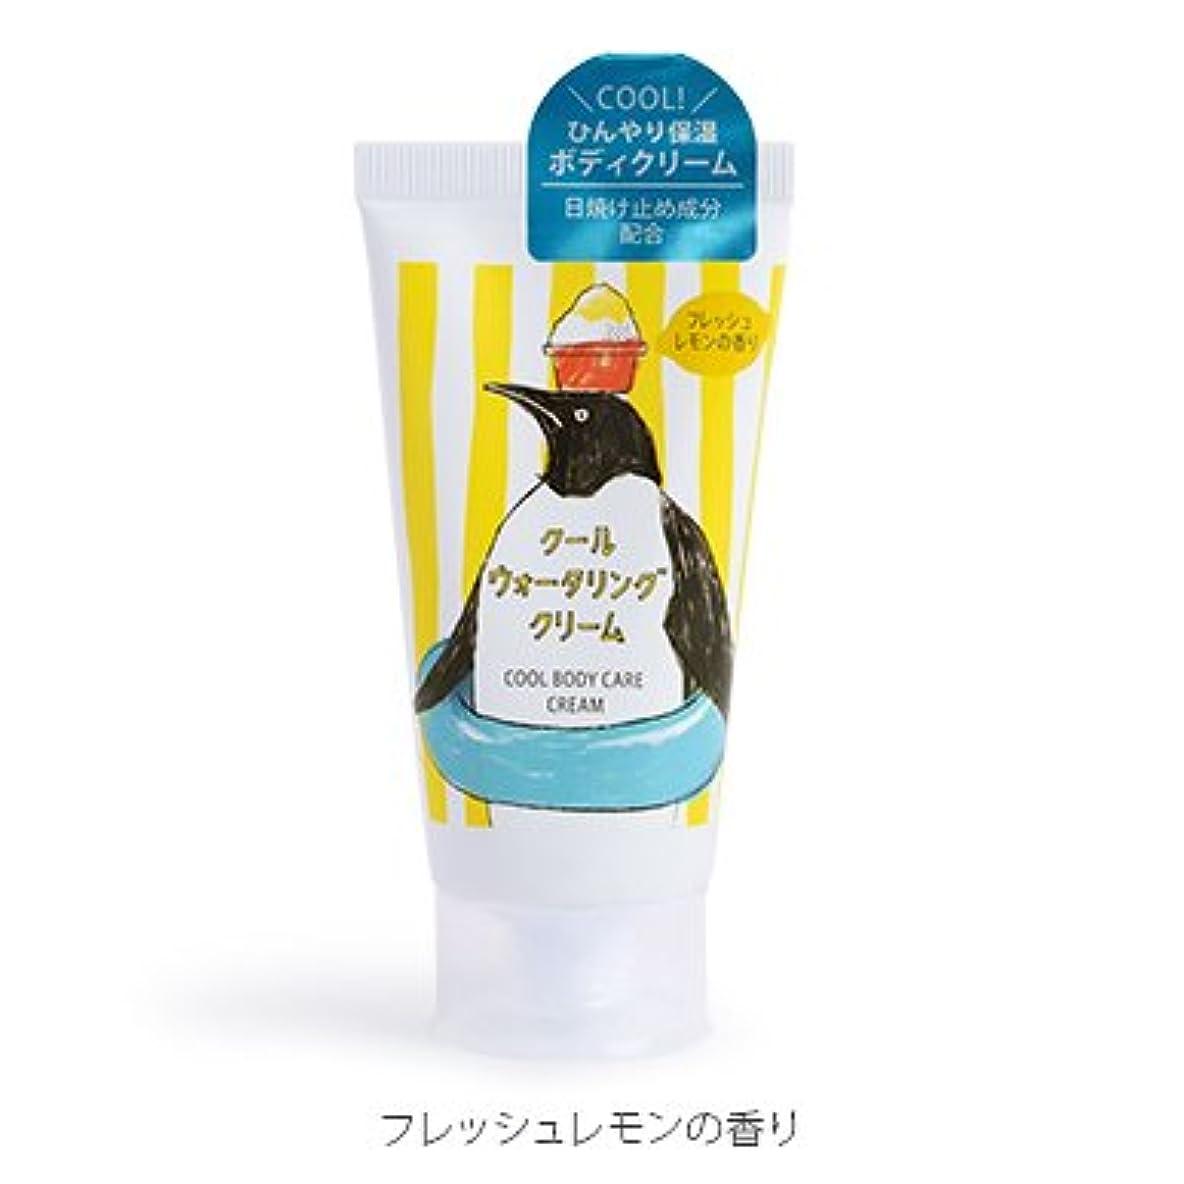 うま流すごいクールウォータリングクリーム_50g (フレッシュレモンの香り)